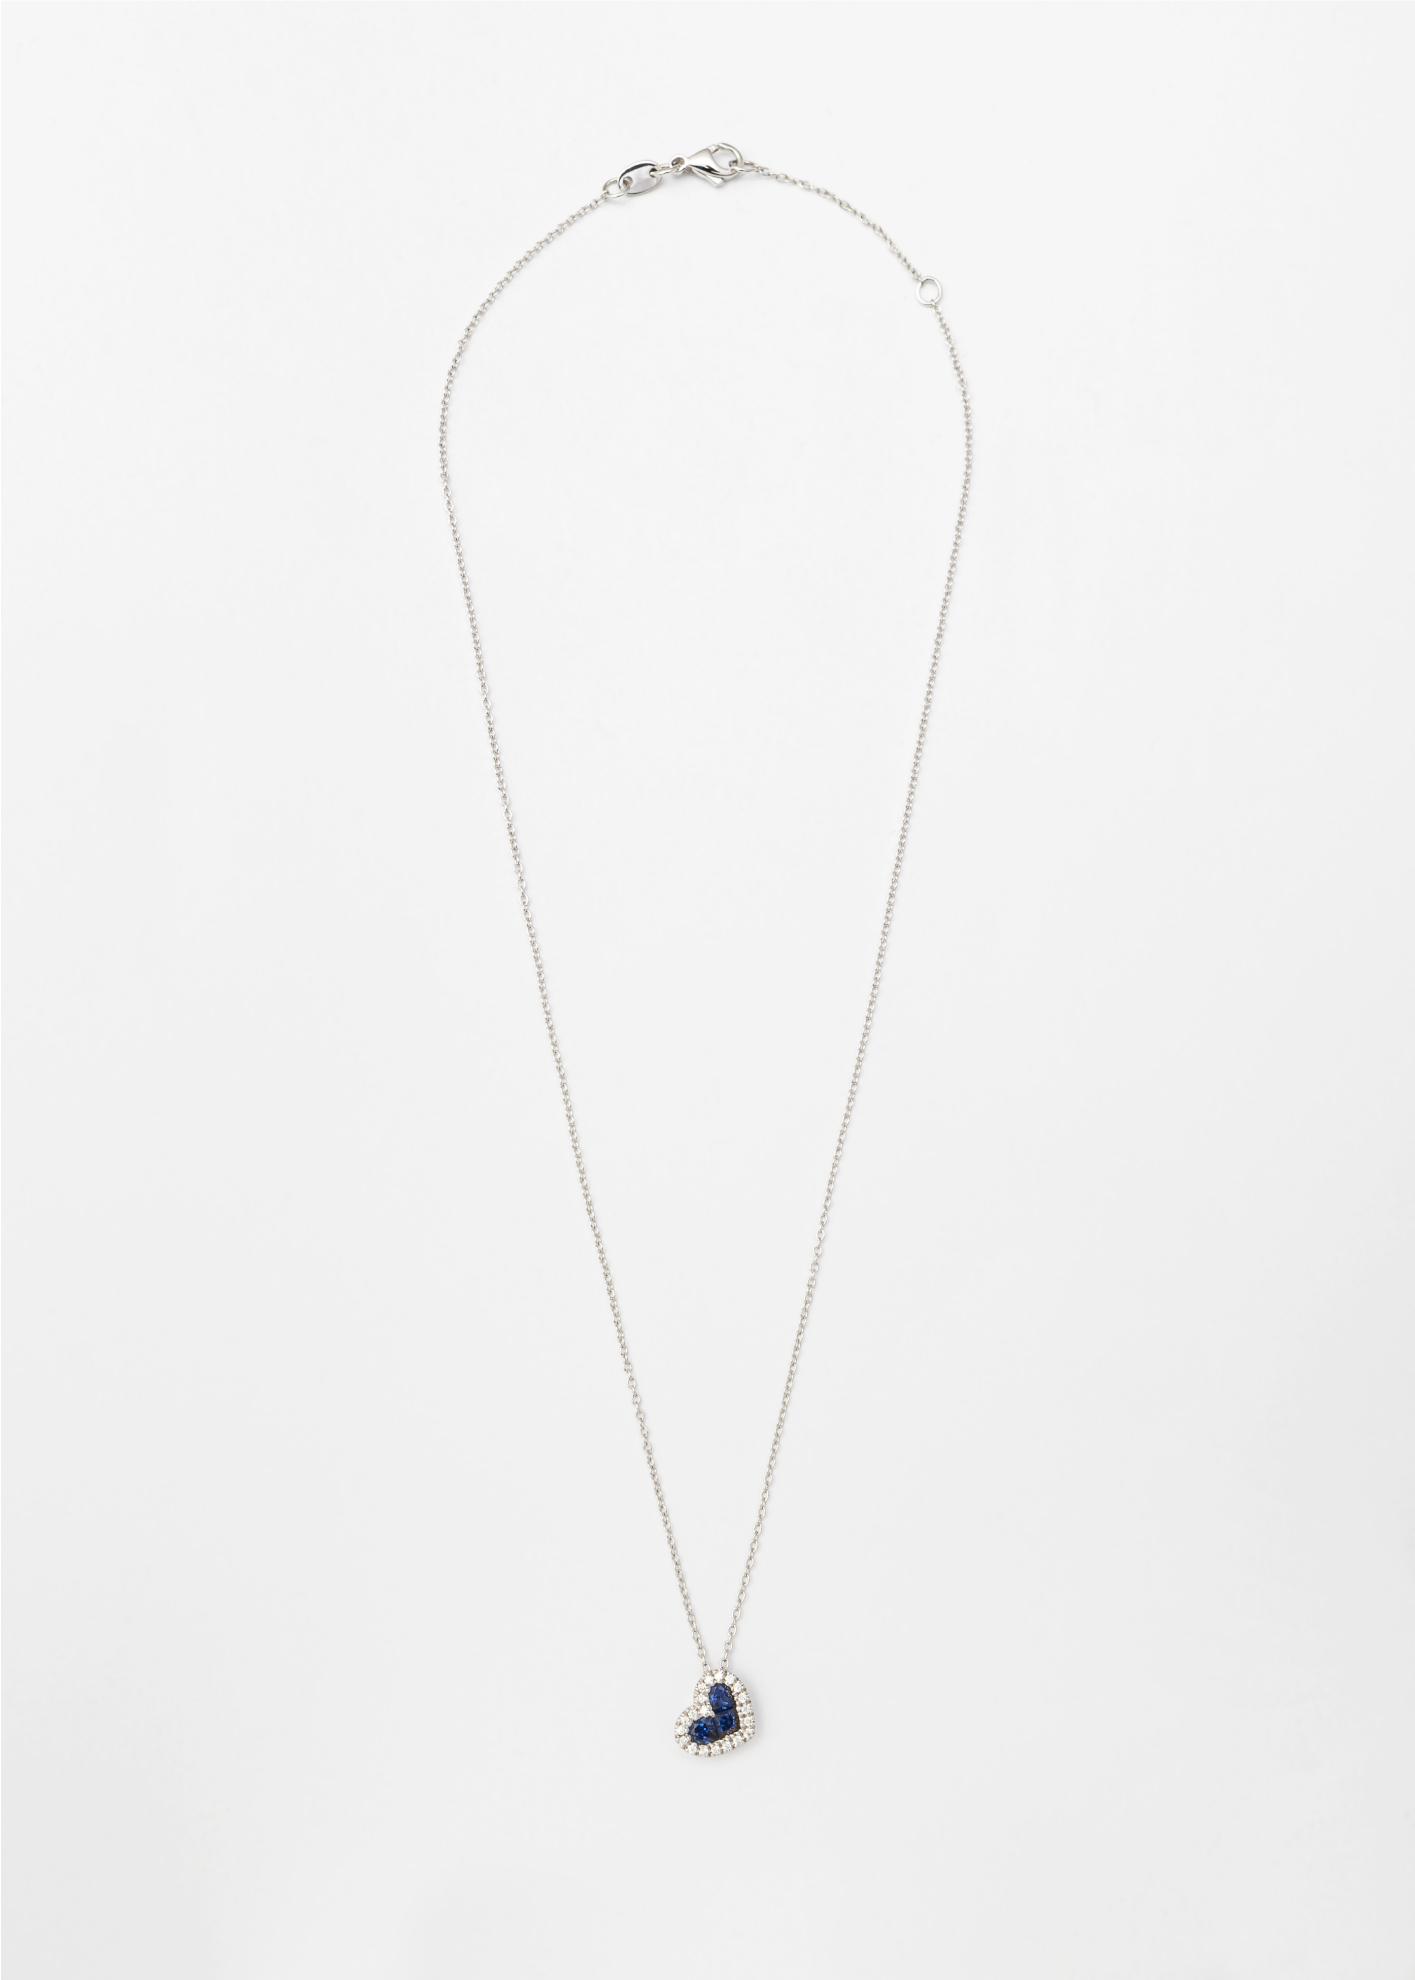 Collana in oro bianco con cuore pendente in Zaffiri Blu e brillanti - Ivy Gioielli Prato